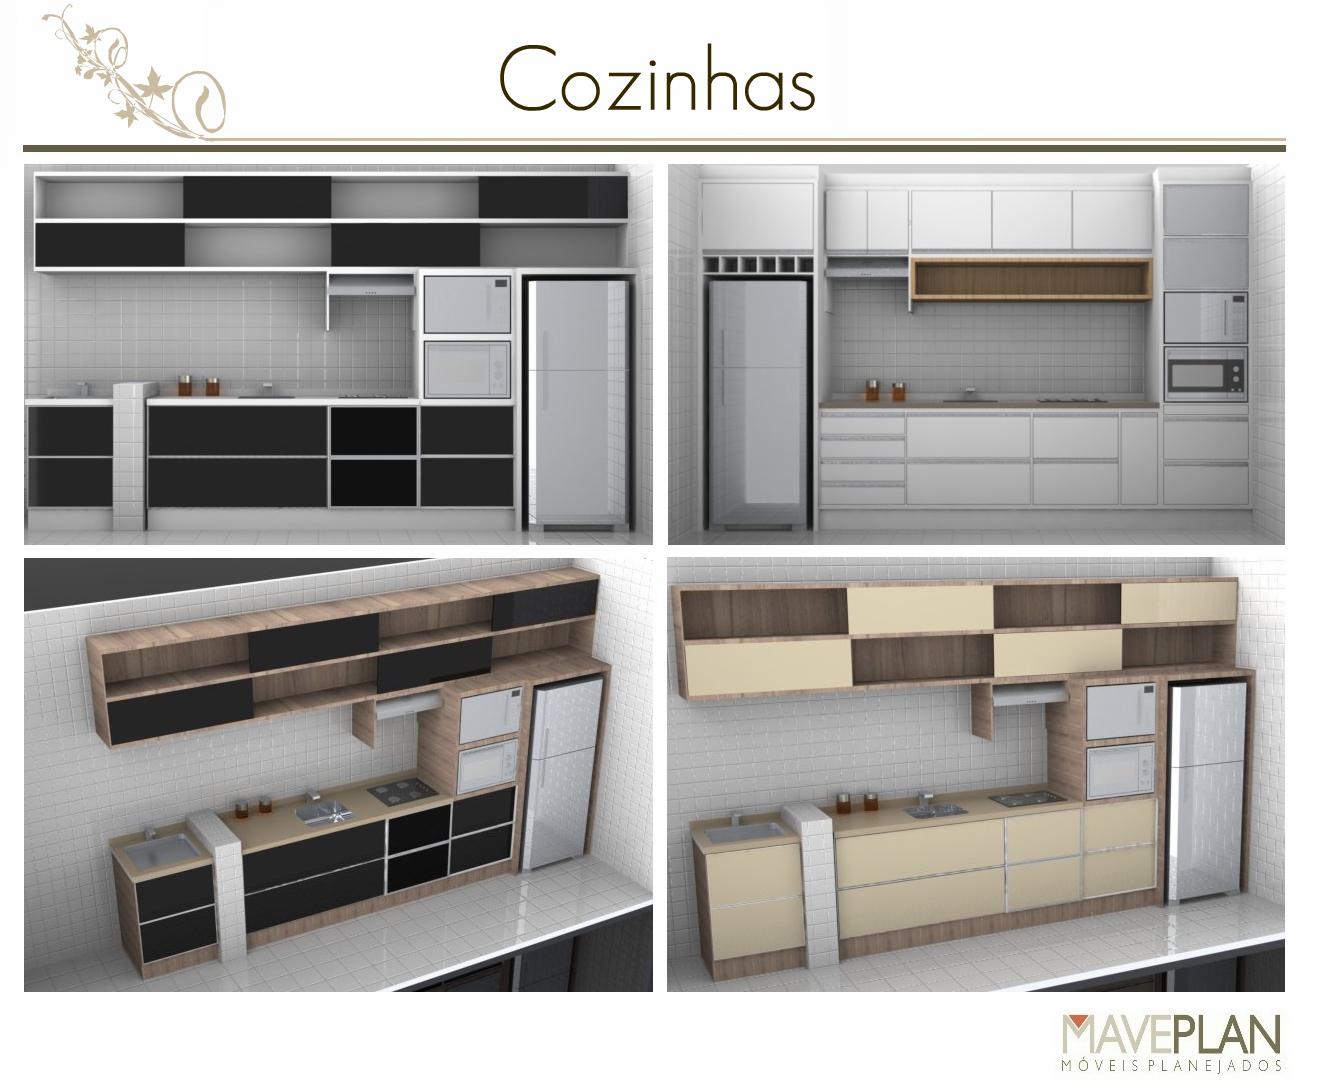 Tags Cozinha Design Cozinha Móveis Planejados Projetos 3D #7B6D50 1320 1092